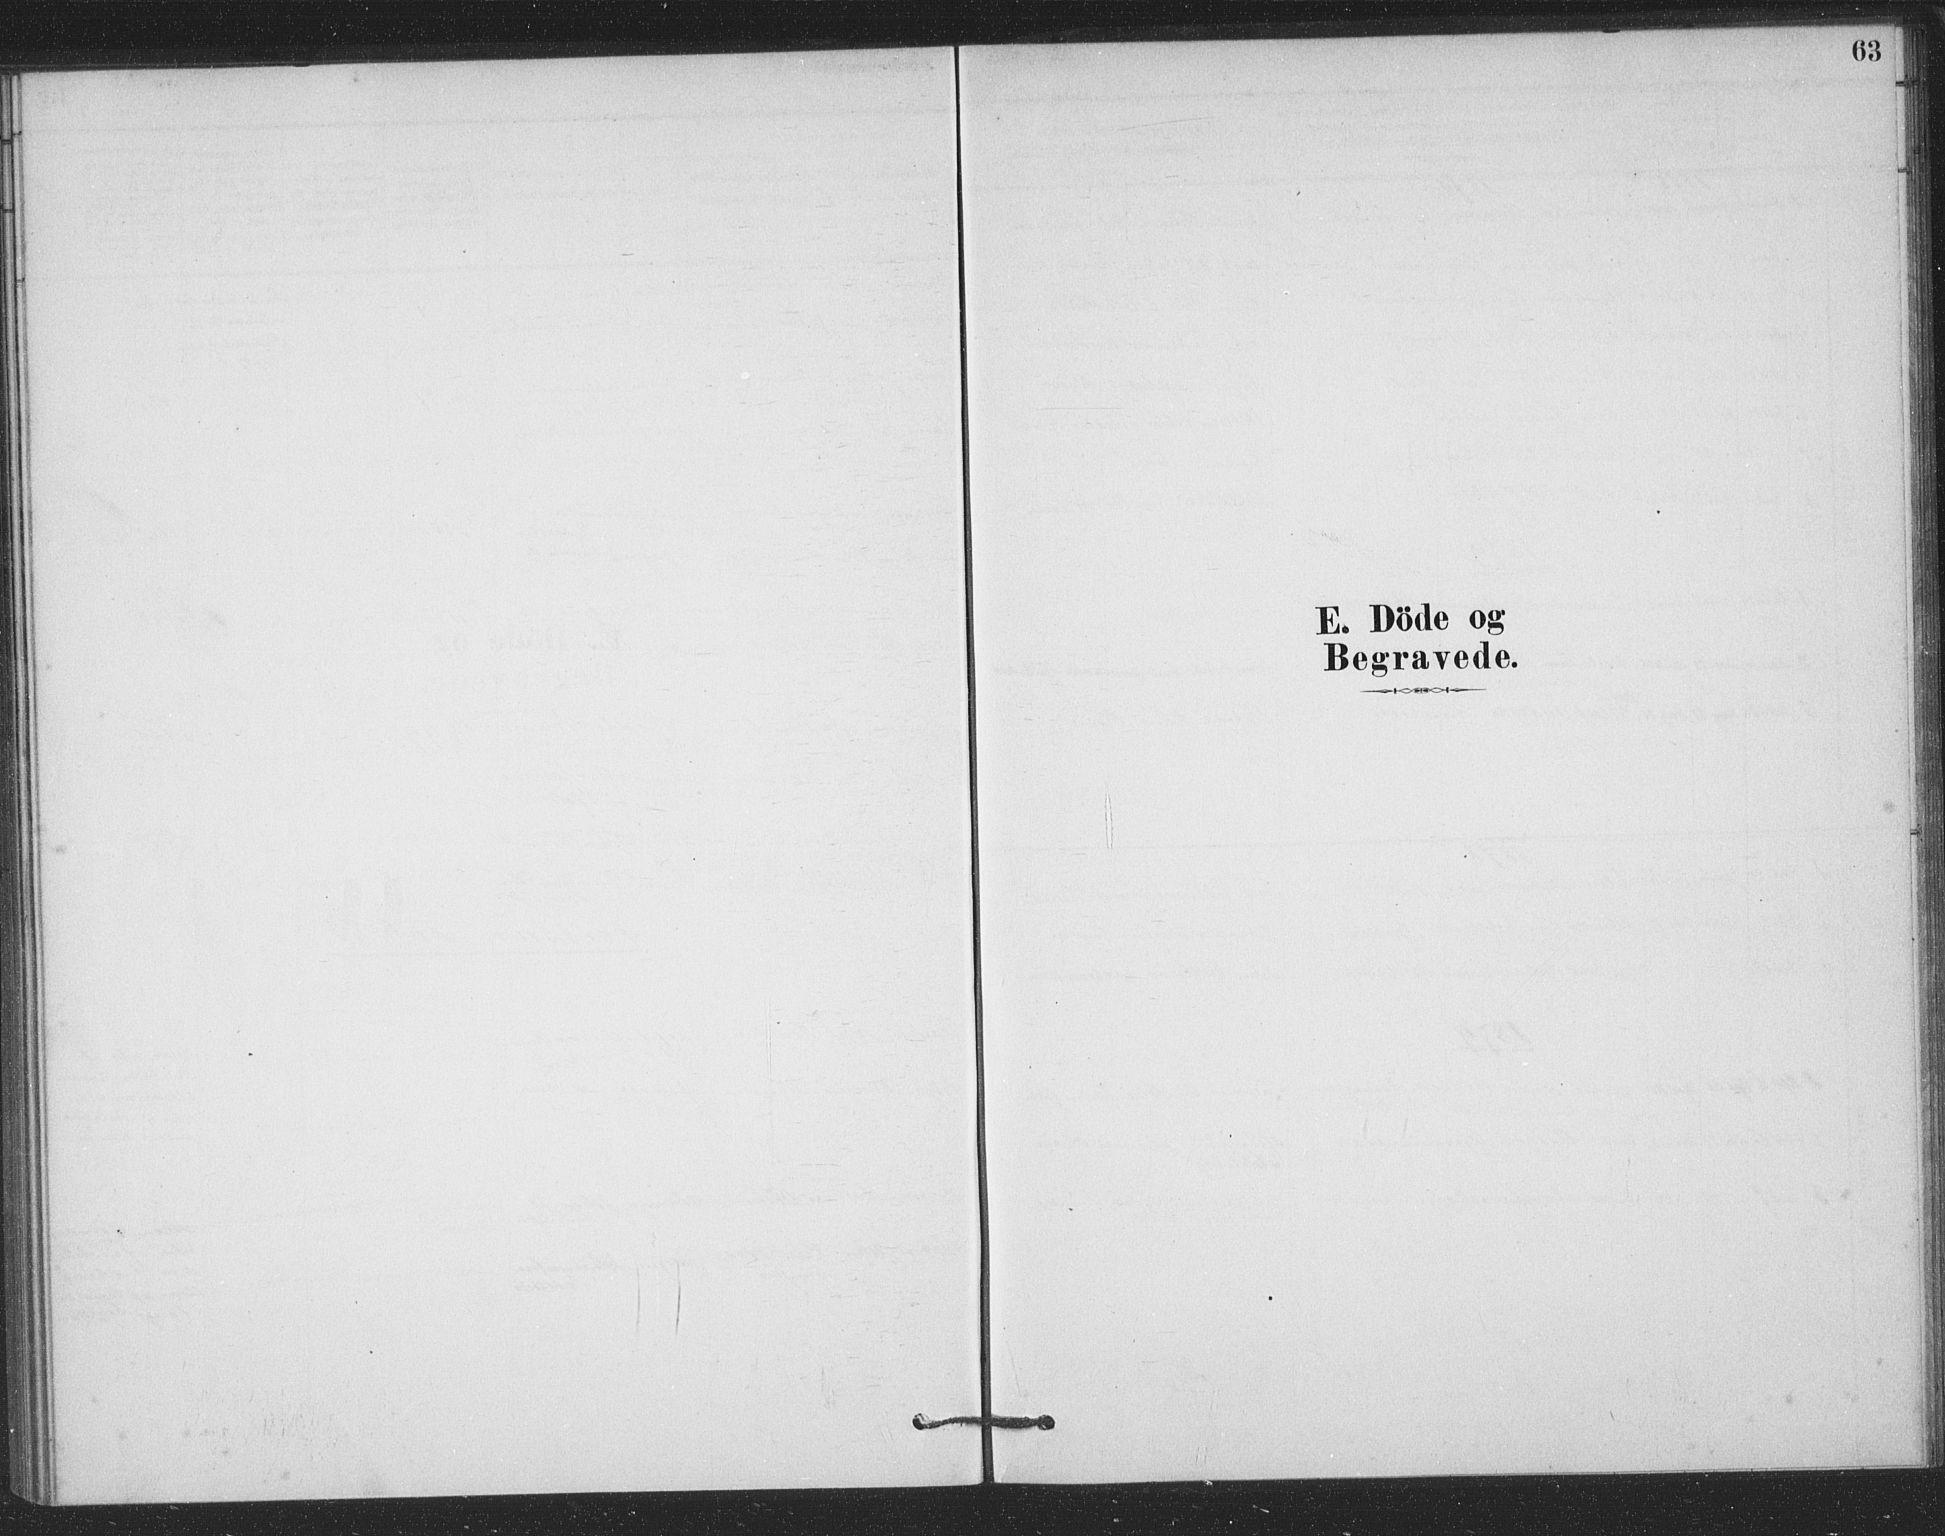 SAKO, Bamble kirkebøker, F/Fb/L0001: Ministerialbok nr. II 1, 1878-1899, s. 63